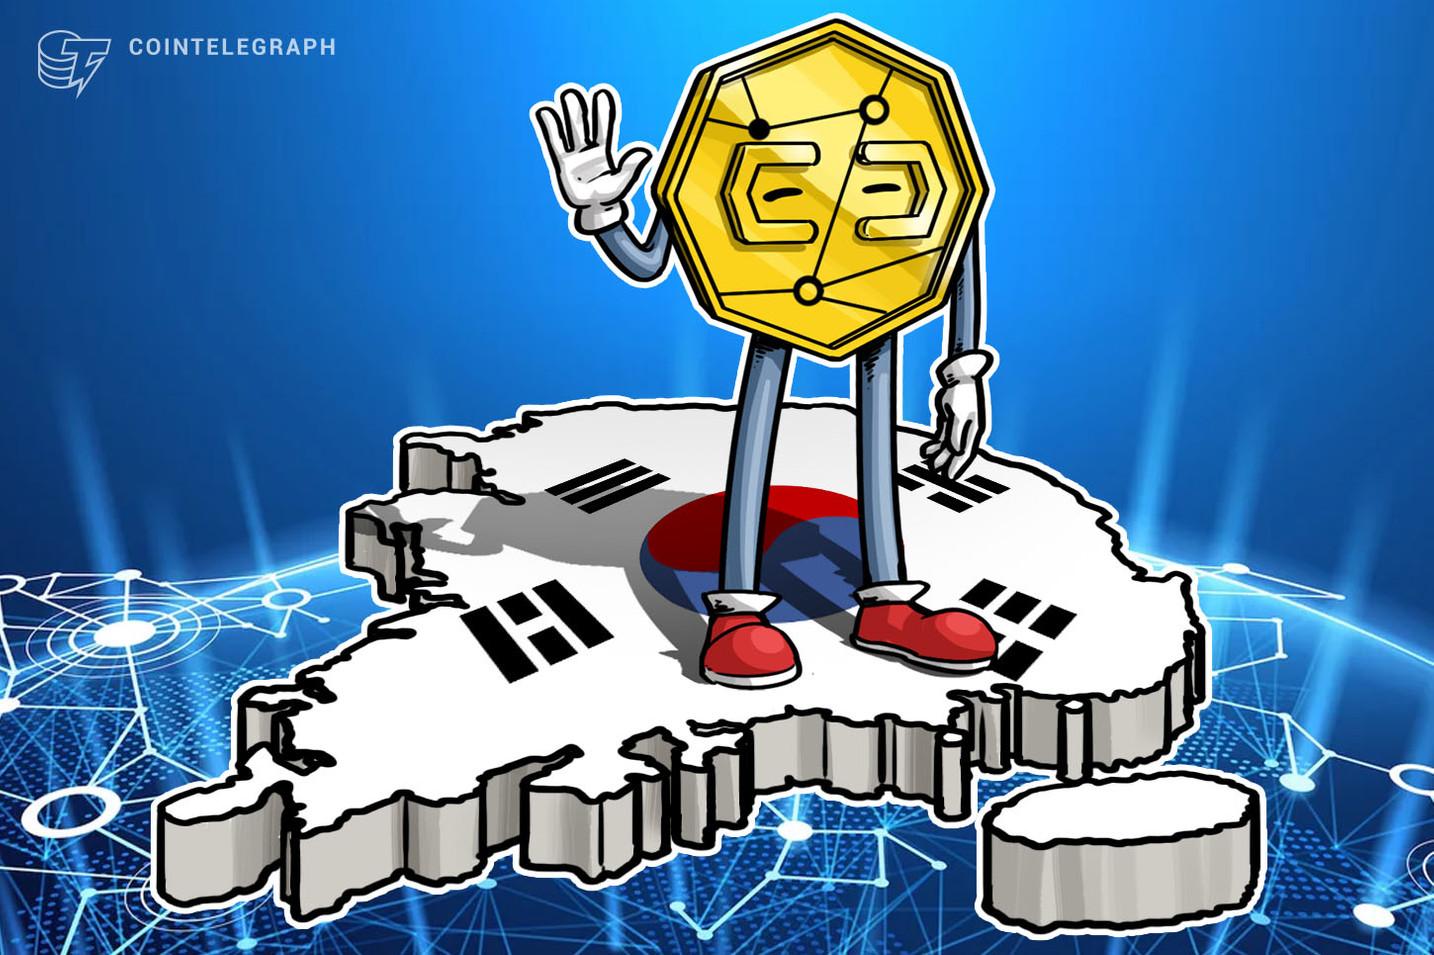 """بورصة العملات المشفرة الكورية الجنوبية """"بيتهامب"""" تعيد فتح عمليات السحب والإيداع لتسعة عملات مشفرة"""